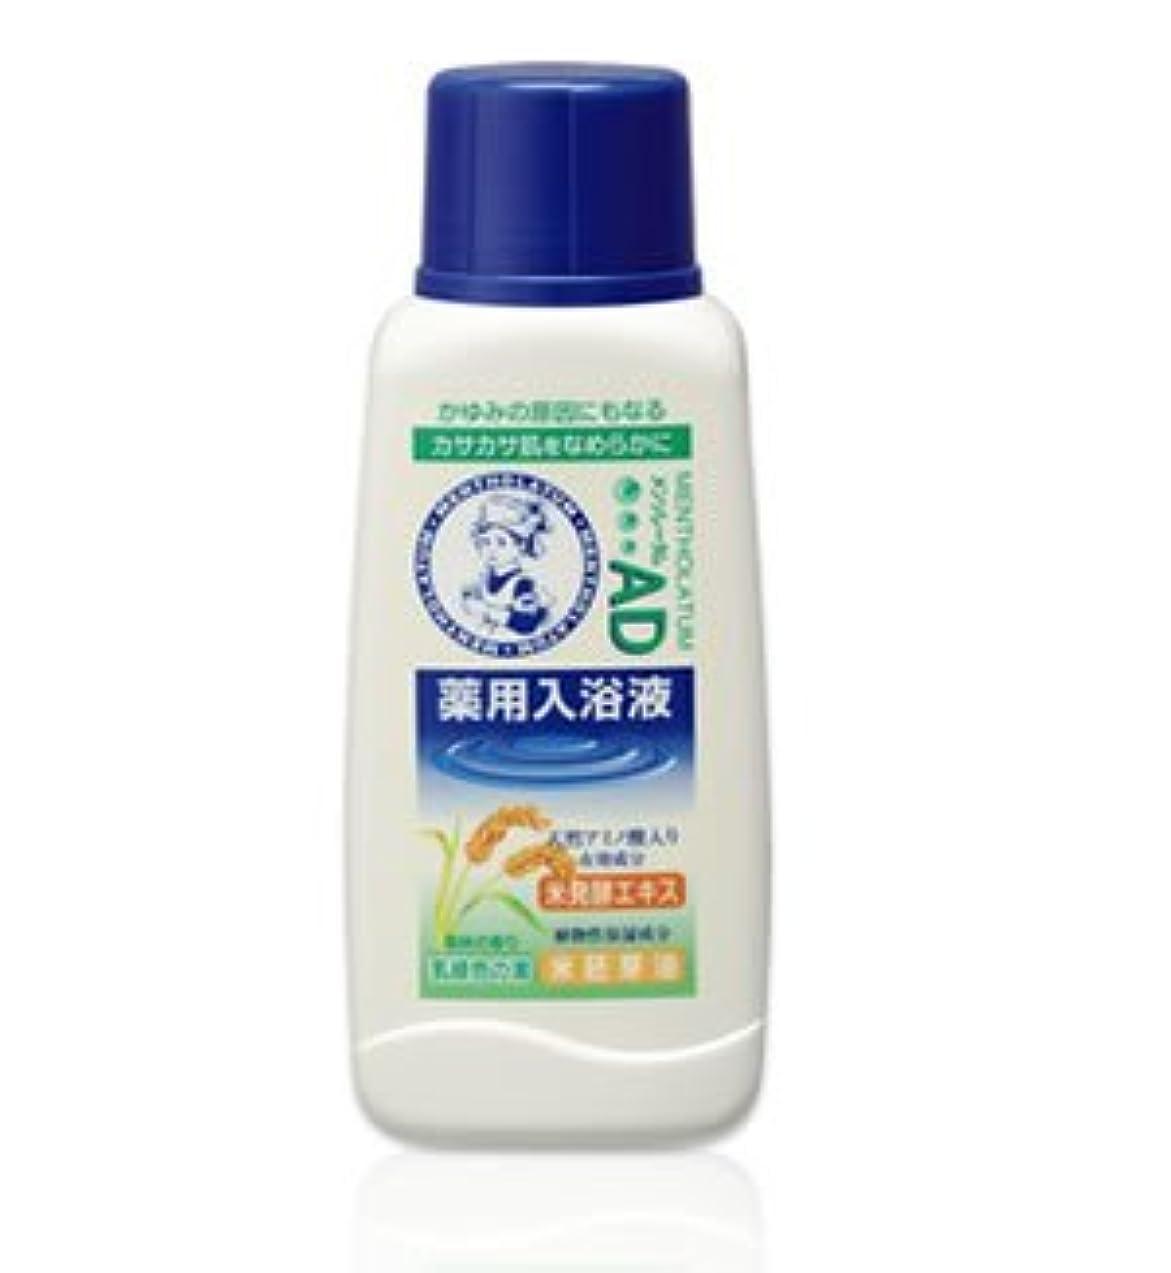 シャトル間違い一月(ロート)メンソレータム AD薬用入浴剤 森林の香り720ml(医薬部外品)